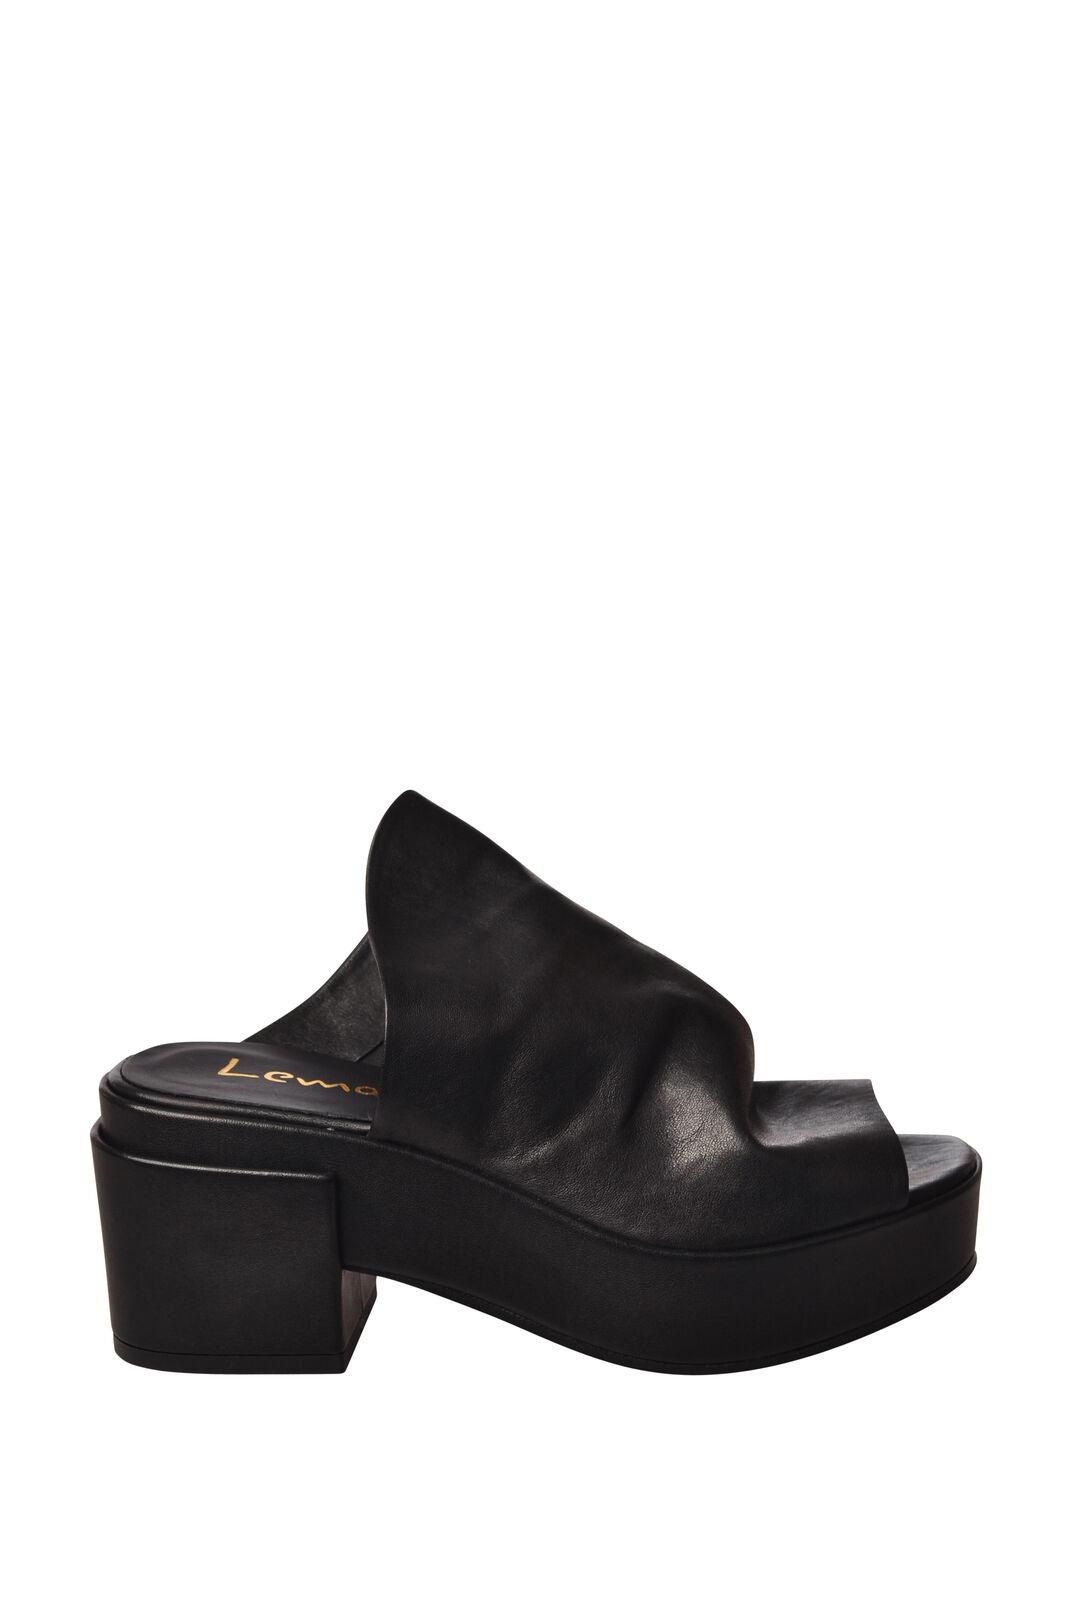 Lemarè - shoes-Sandals - Woman - Black - 5266420D183615